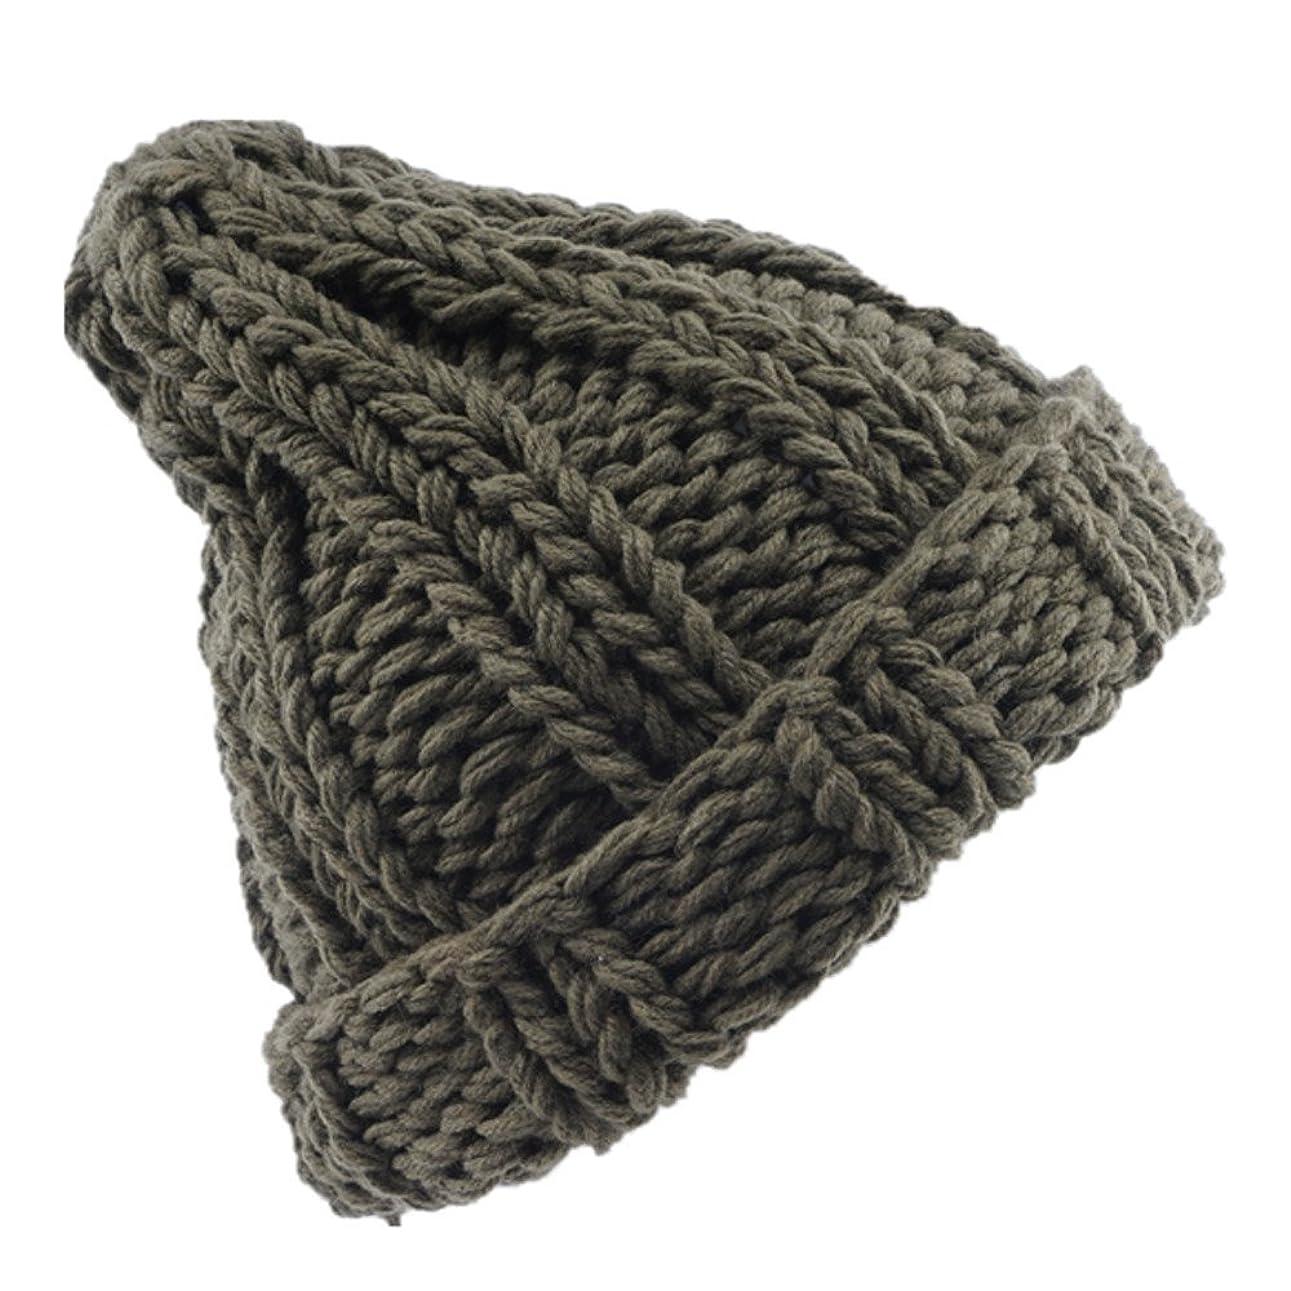 気晴らし驚くばかり従事するRacazing 選べる4色 ニット帽 縮らす ニット帽 防寒対策 通気性のある 防風 暖かい 軽量 屋外 スキー 自転車 クリスマス 編み物 ベレット Hat 男女兼用 (グリーン)